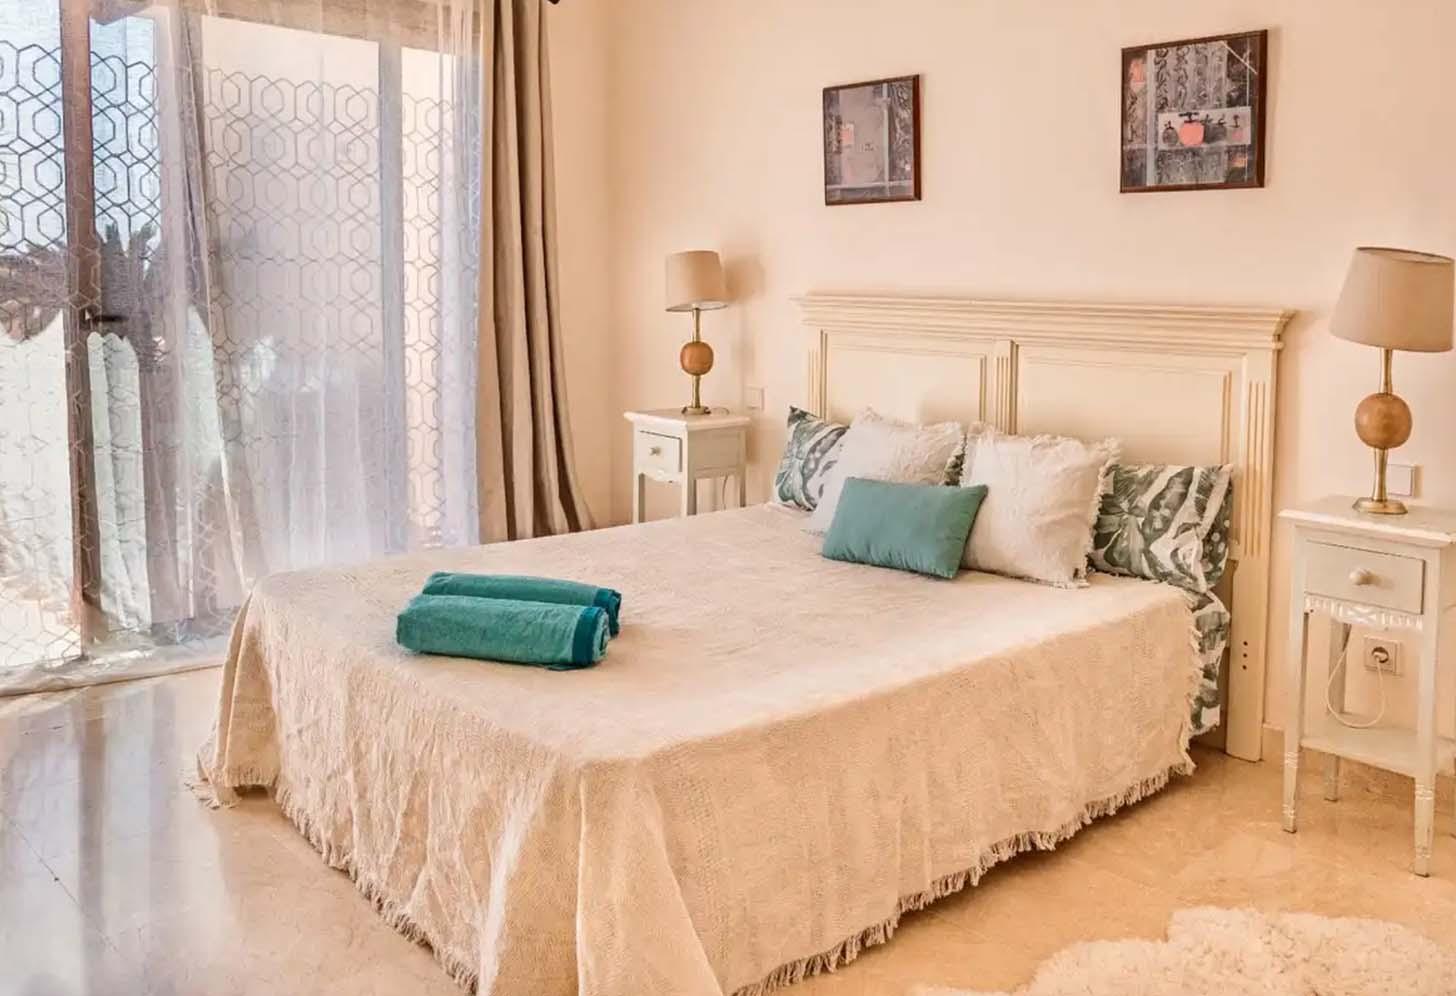 acheter un appartement avec piscine bel air andalousie 002 chambre